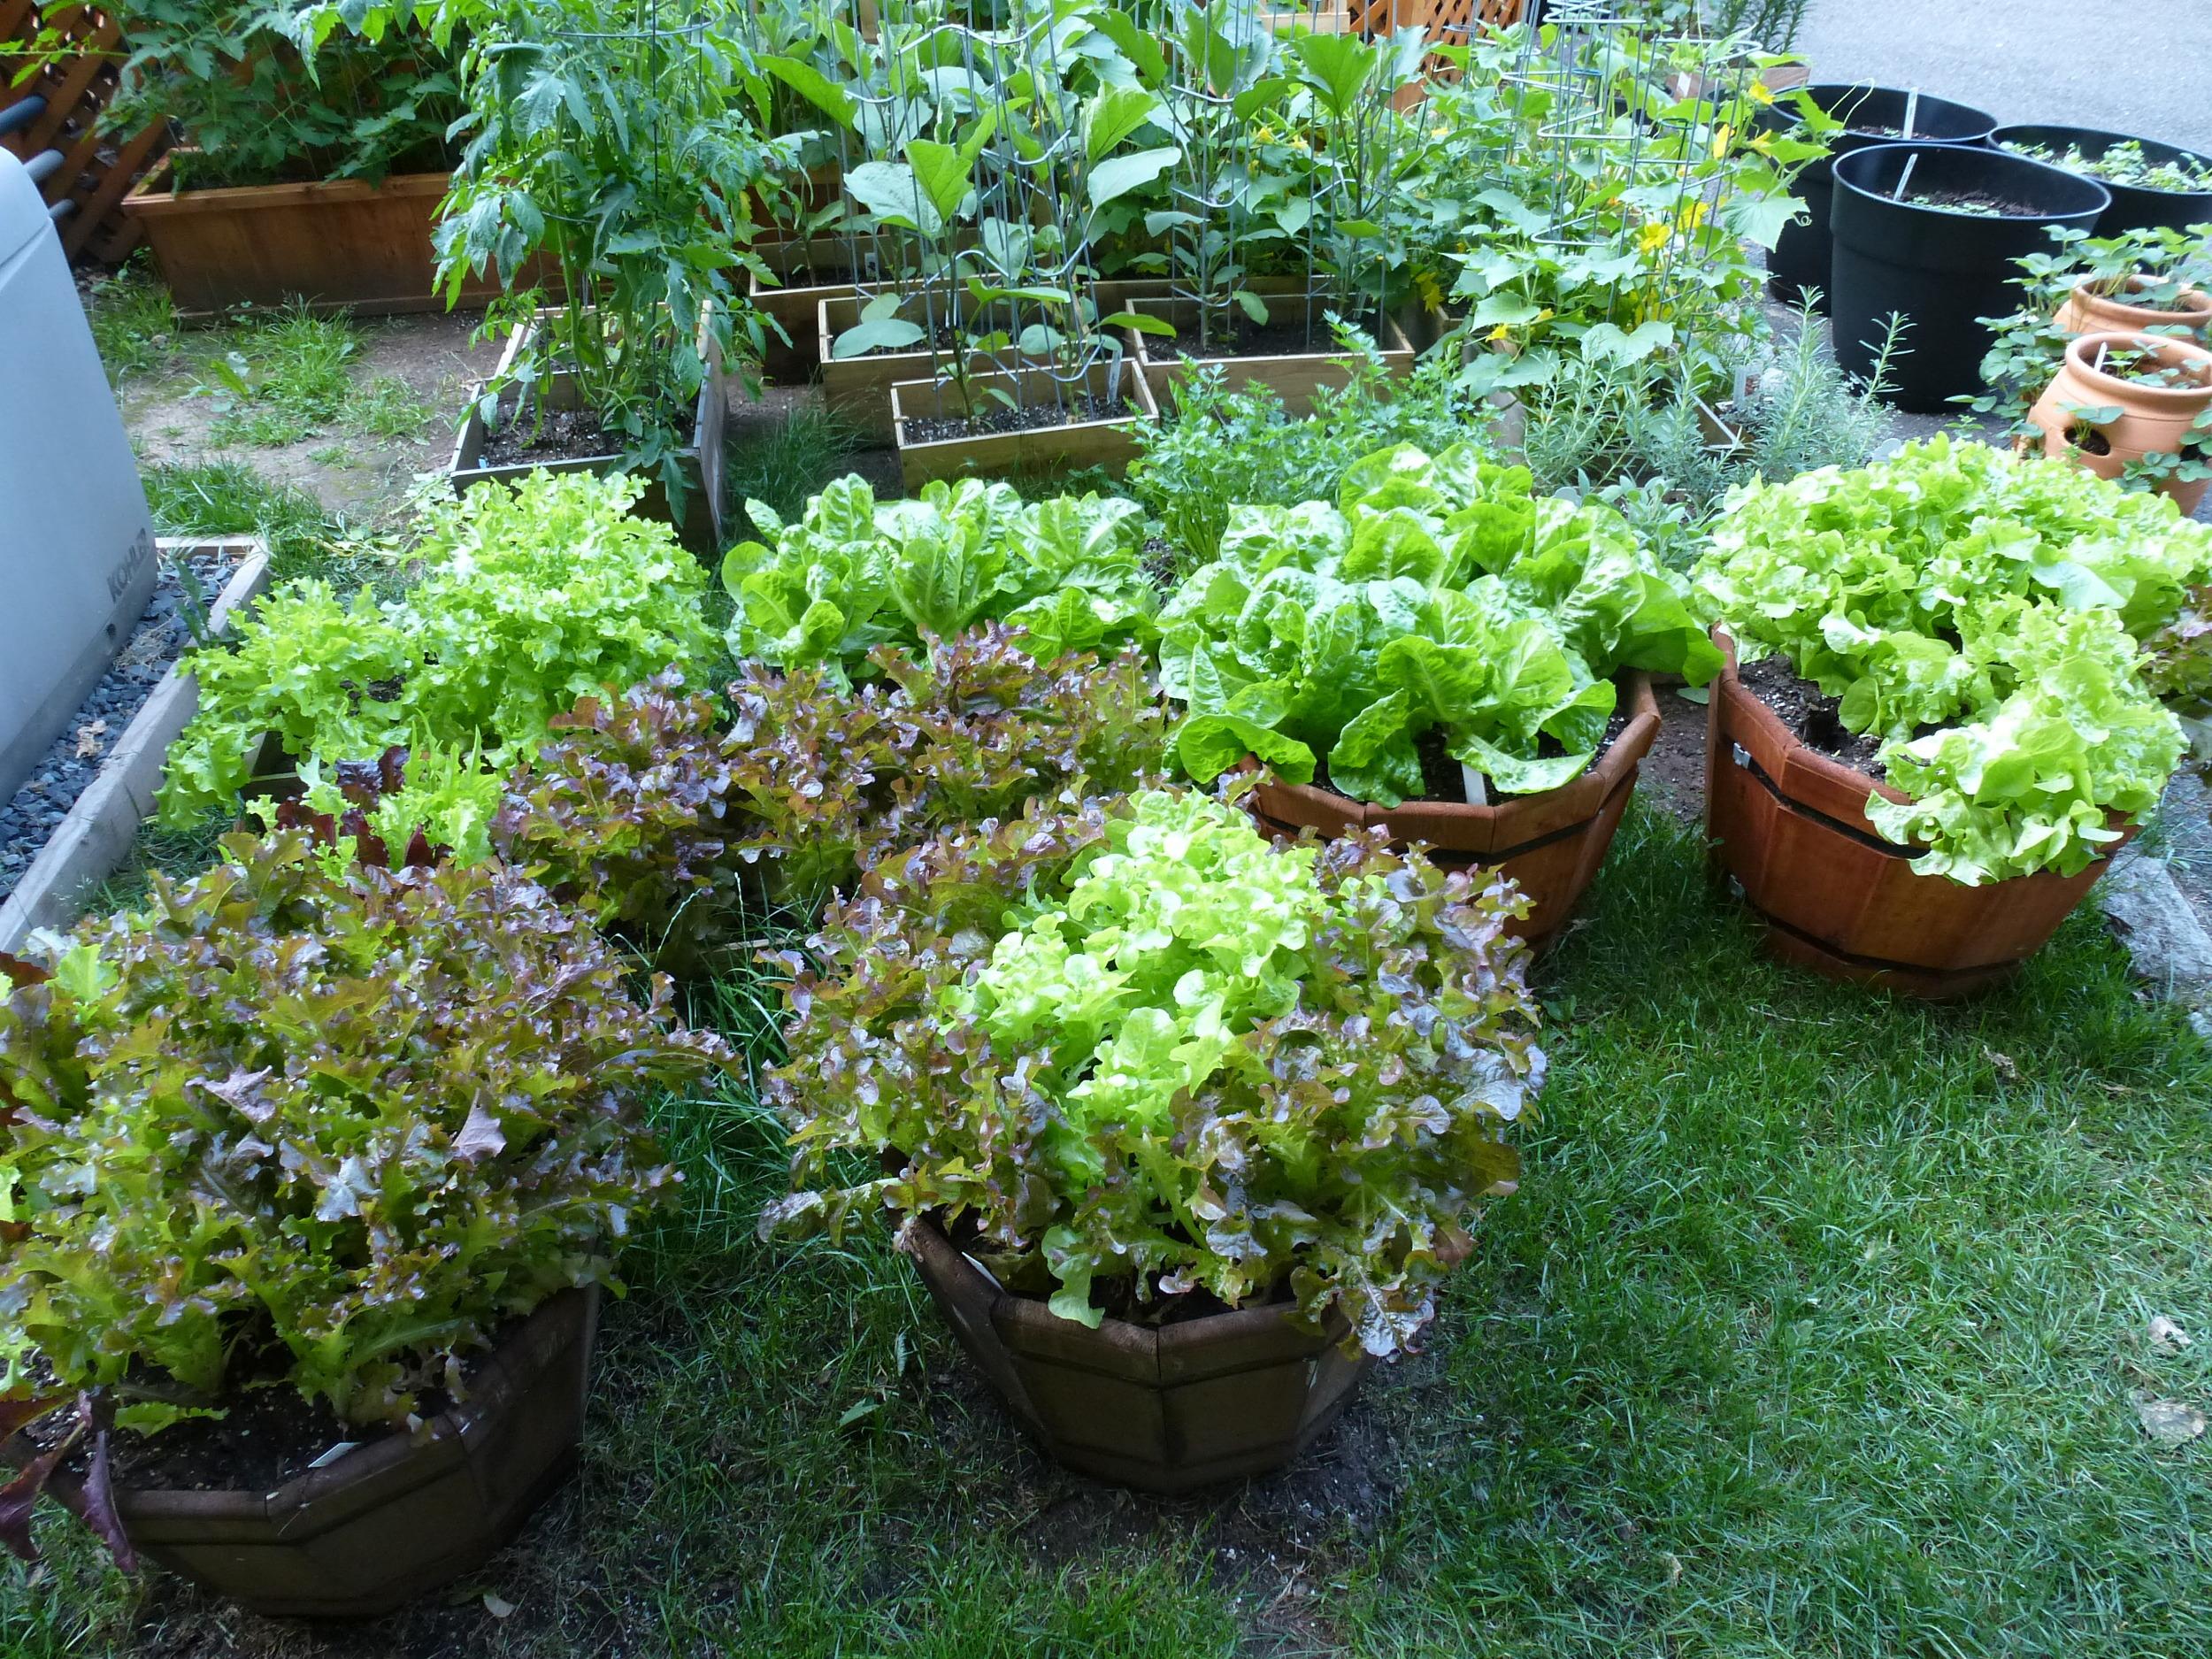 My overabundance of lettuce....taking over the garden.